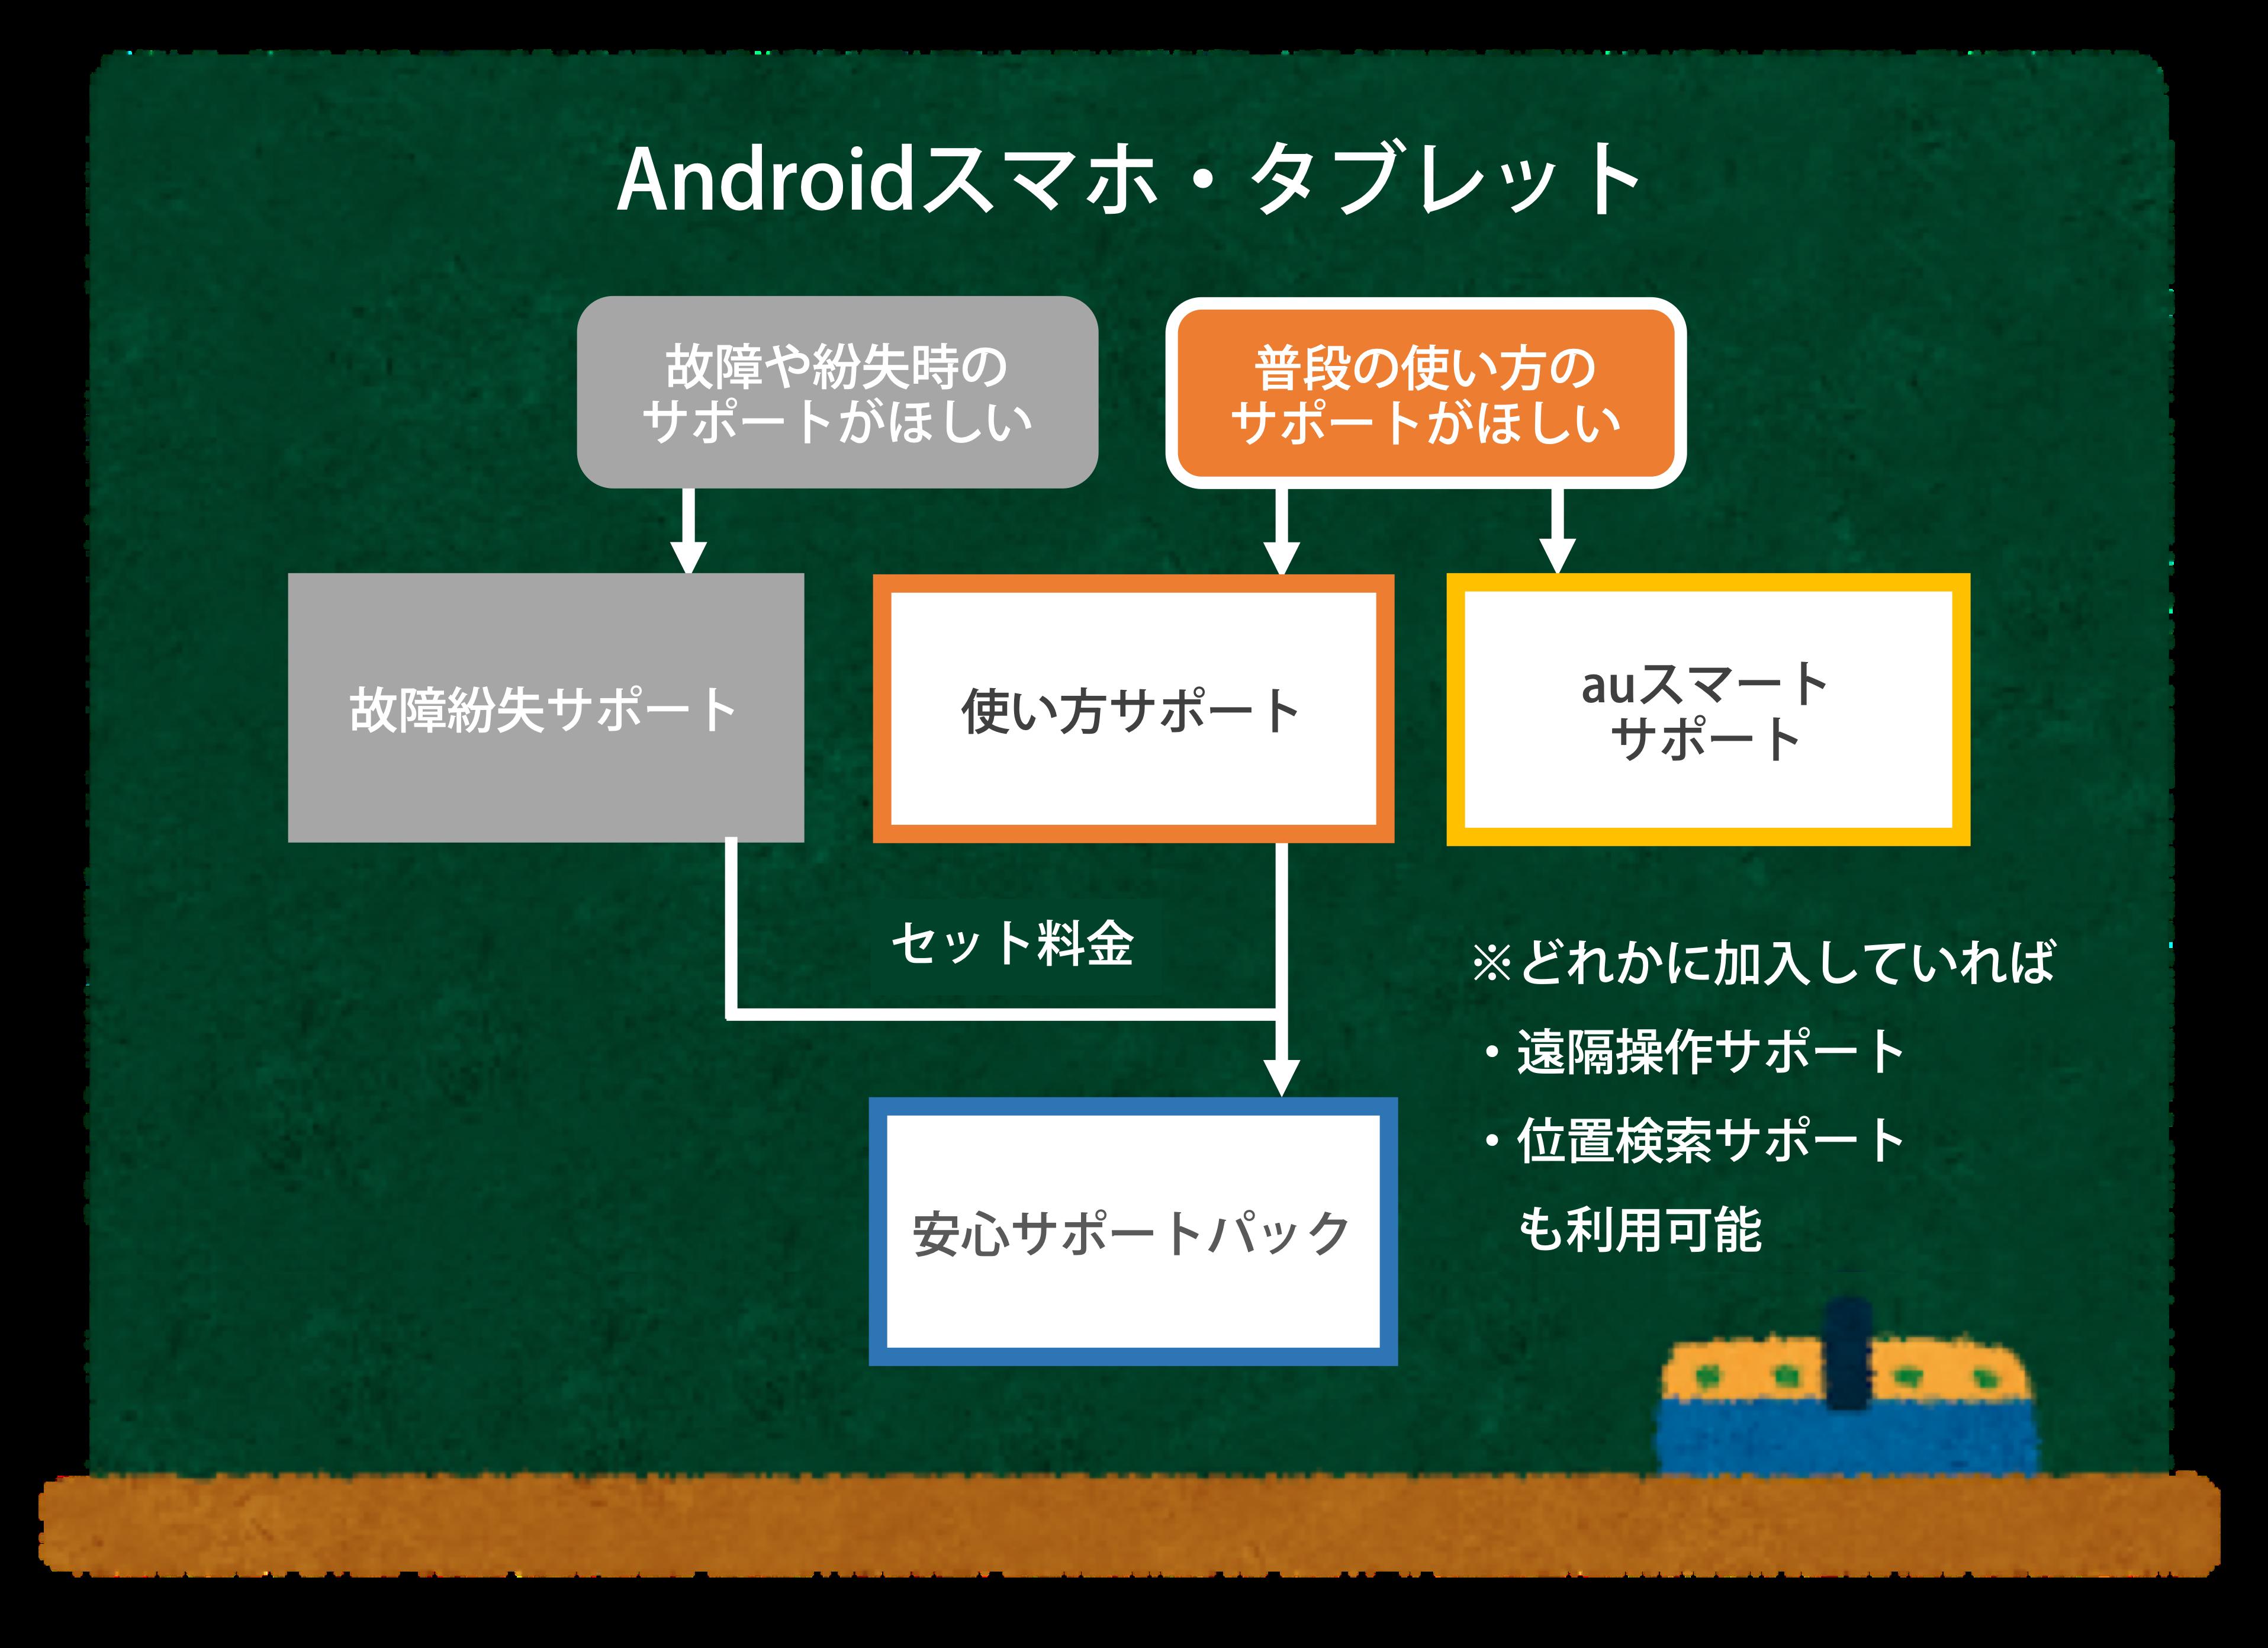 auサポートサービス(Androidスマホ)のフロー図